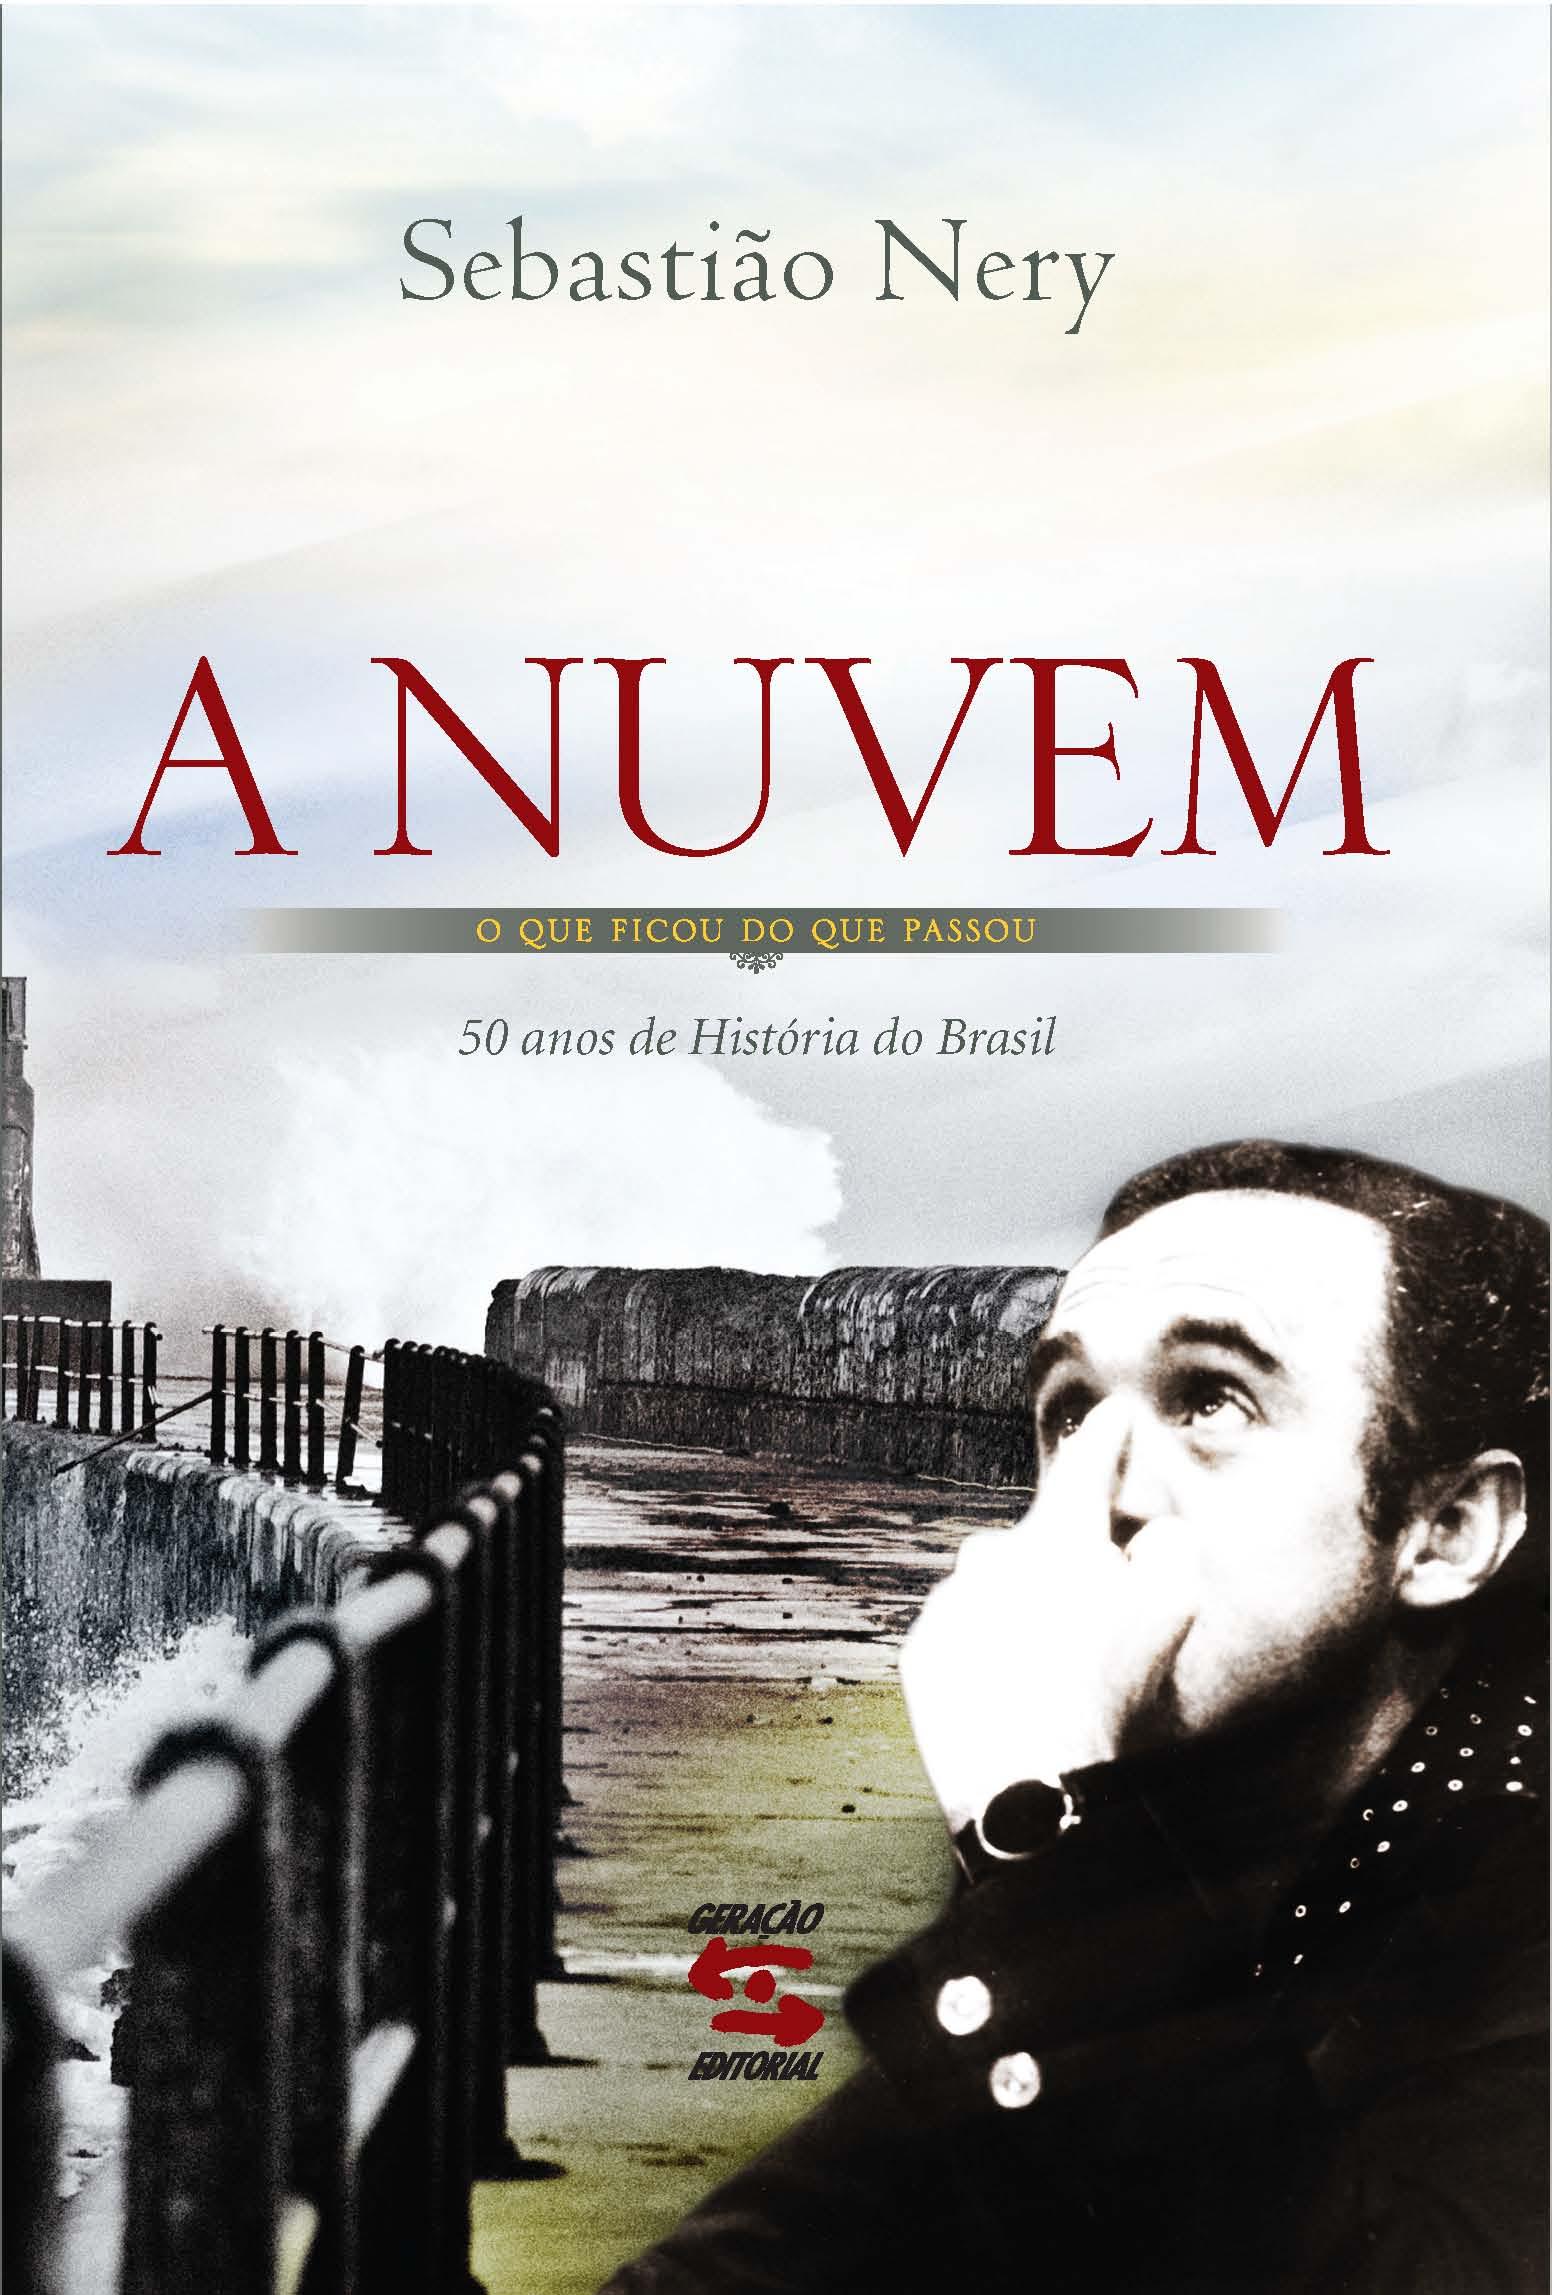 Nuvem, A: O oue Ficou do Que Passou - 50 Anos de História do Brasil, livro de Sebastião Nery